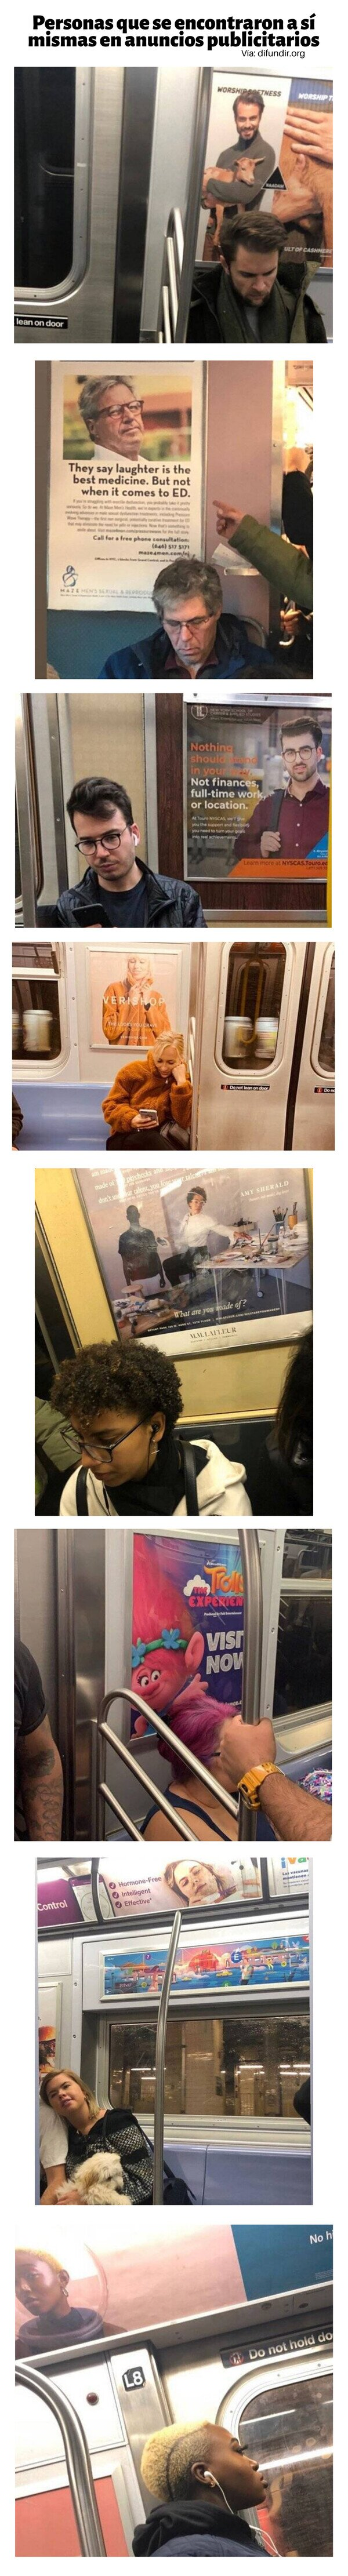 Meme_otros - Personas que se encontraron a sí mismas en anuncios publicitarios